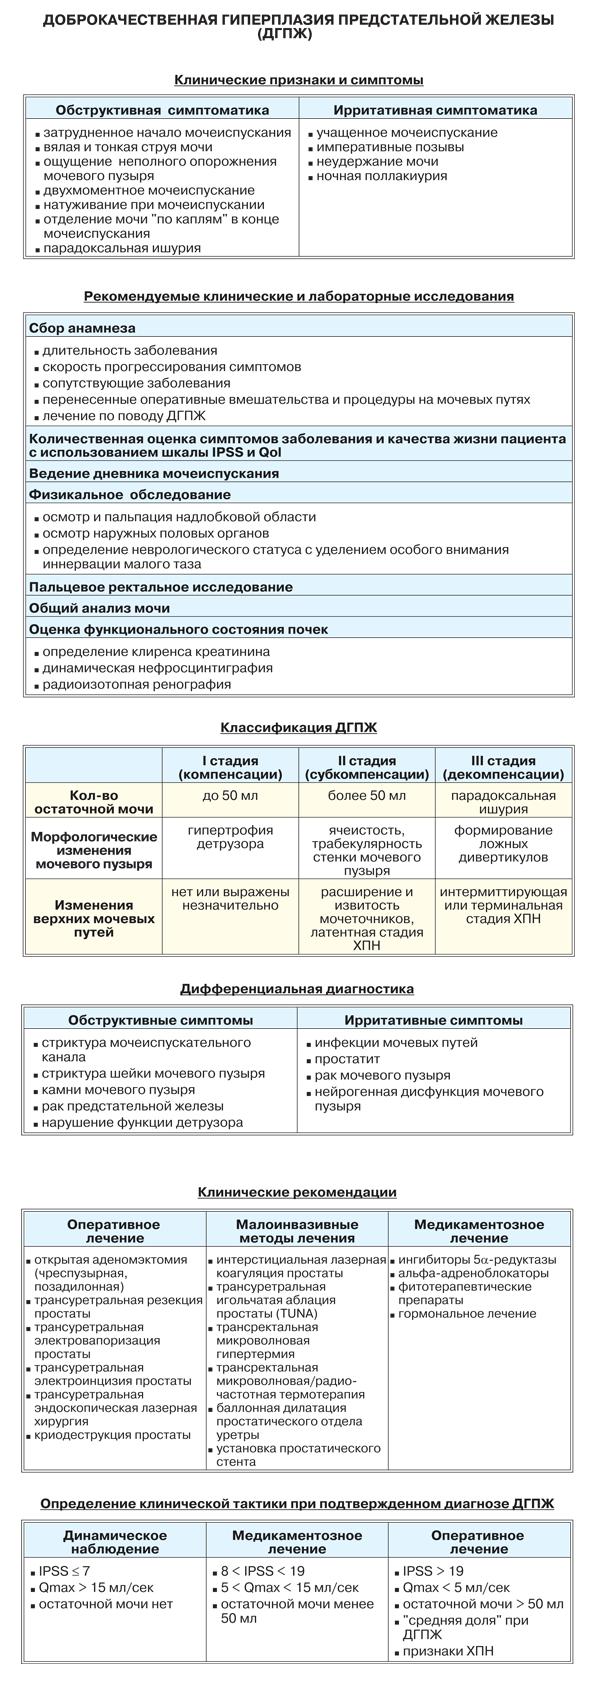 Доброкачественная гиперплазия предстательной железы (ДГПЖ, аденома простаты)